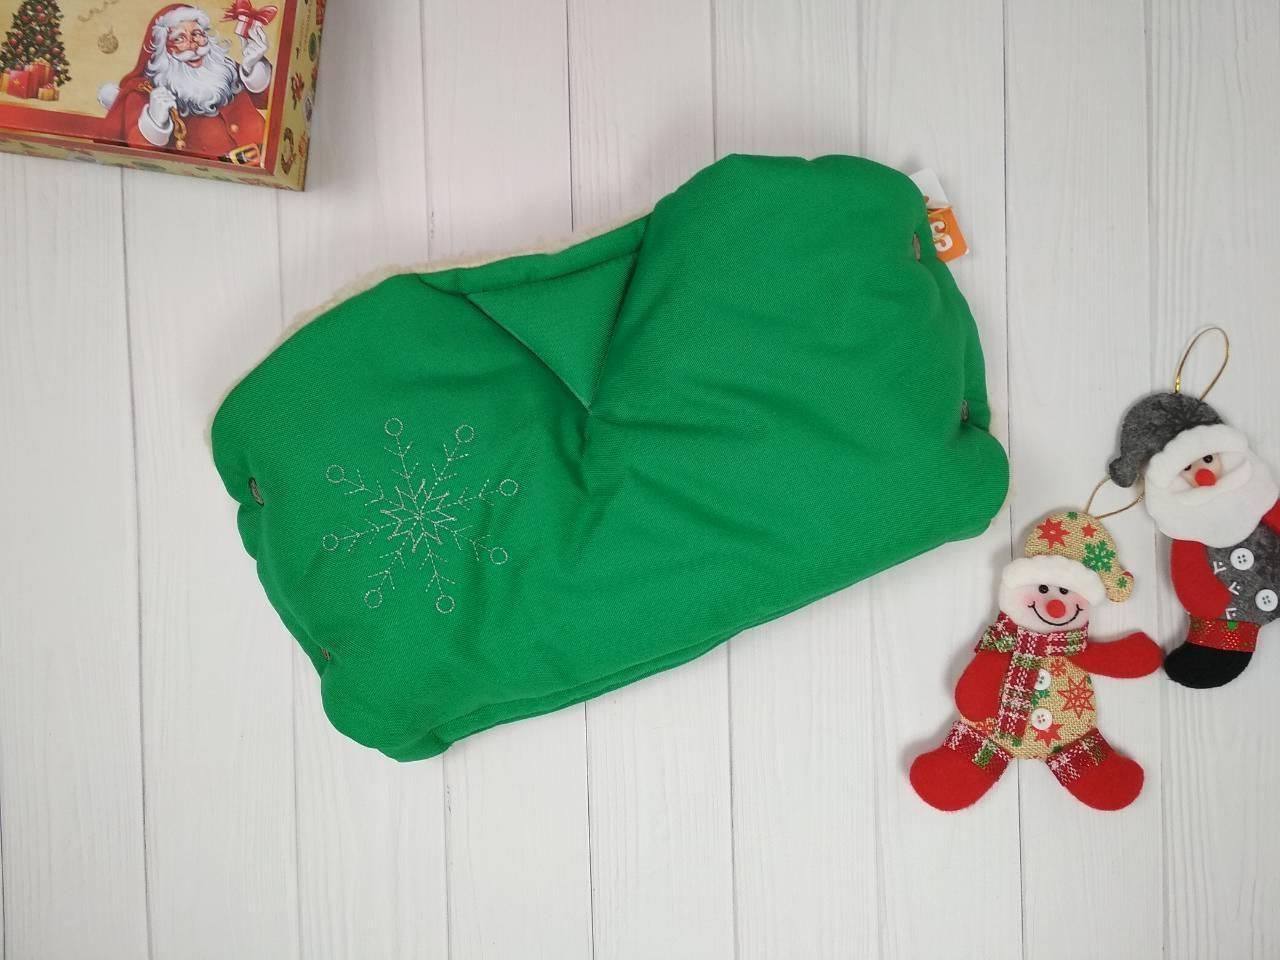 Муфта для рук на набивной овчине от производителя зеленого цвета